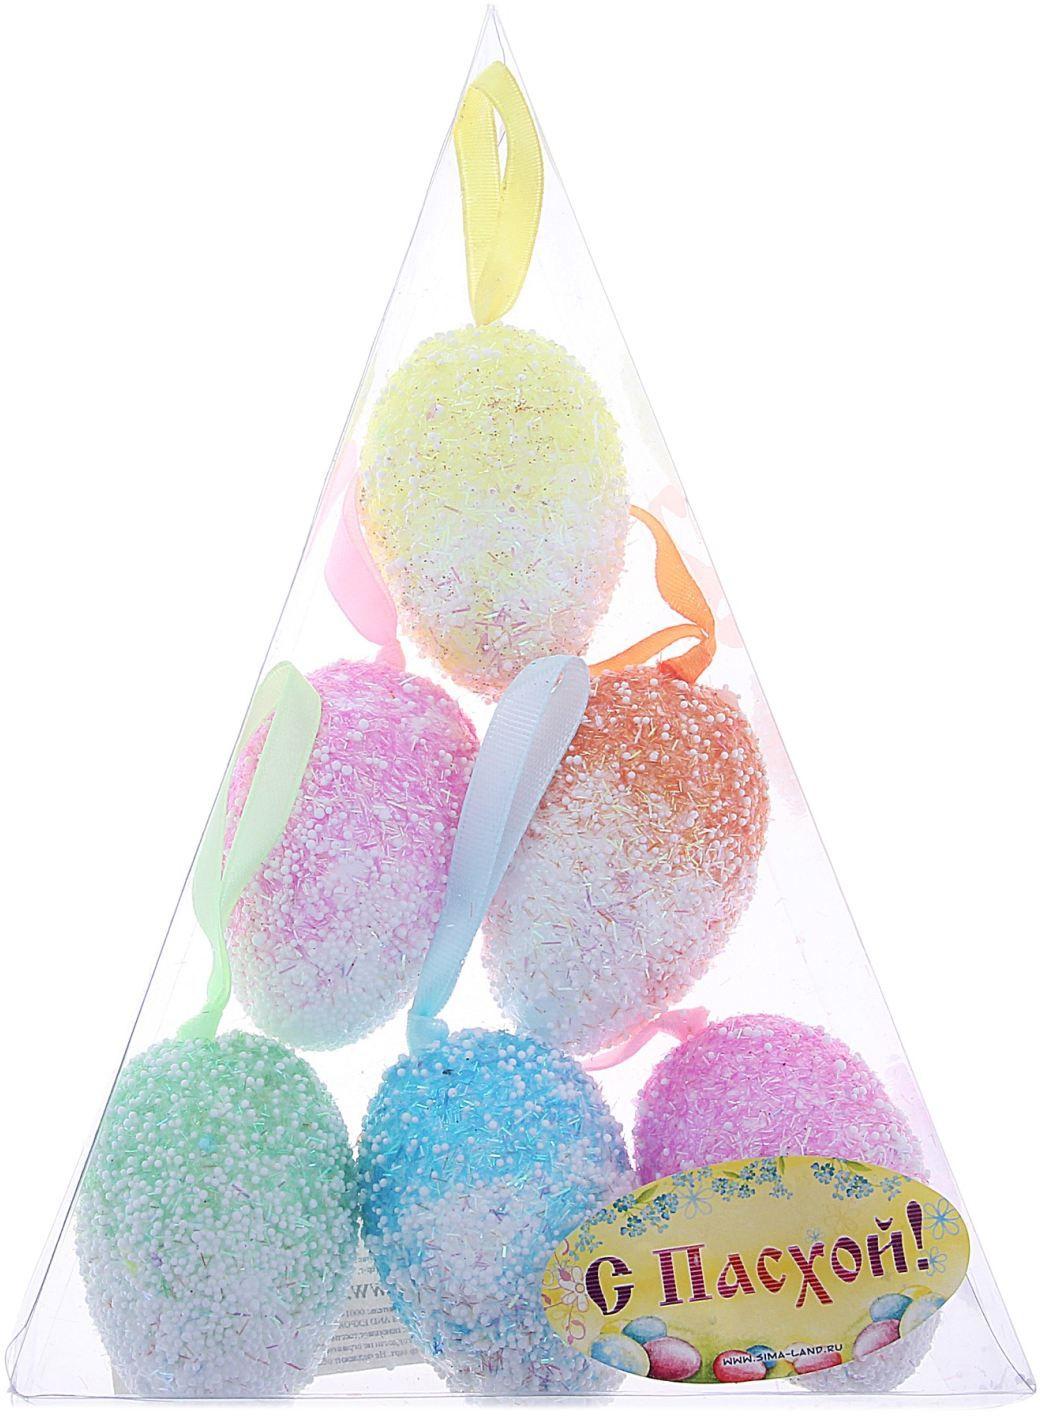 Сувенир пасхальный Sima-land Яйцо. Радуга, 4 х 4 х 6 см, 6 штTHN132NСувенир - пасхальное яйцо Радуга (набор 6 шт) - символ жизни и возрождения. Вариантов применения такого милого сувенира множество. Во-первых, он послужит прекрасным подарком гостям, коллегам или друзьям. Всю праздничную неделю вы можете обмениваться подарочками.Во-вторых, с помощью такого сувенира вы сможете сами заняться сервировкой праздничного стола, положив его каждому гостю на тарелку, на красивую салфетку, выгодно подобрав цвета.